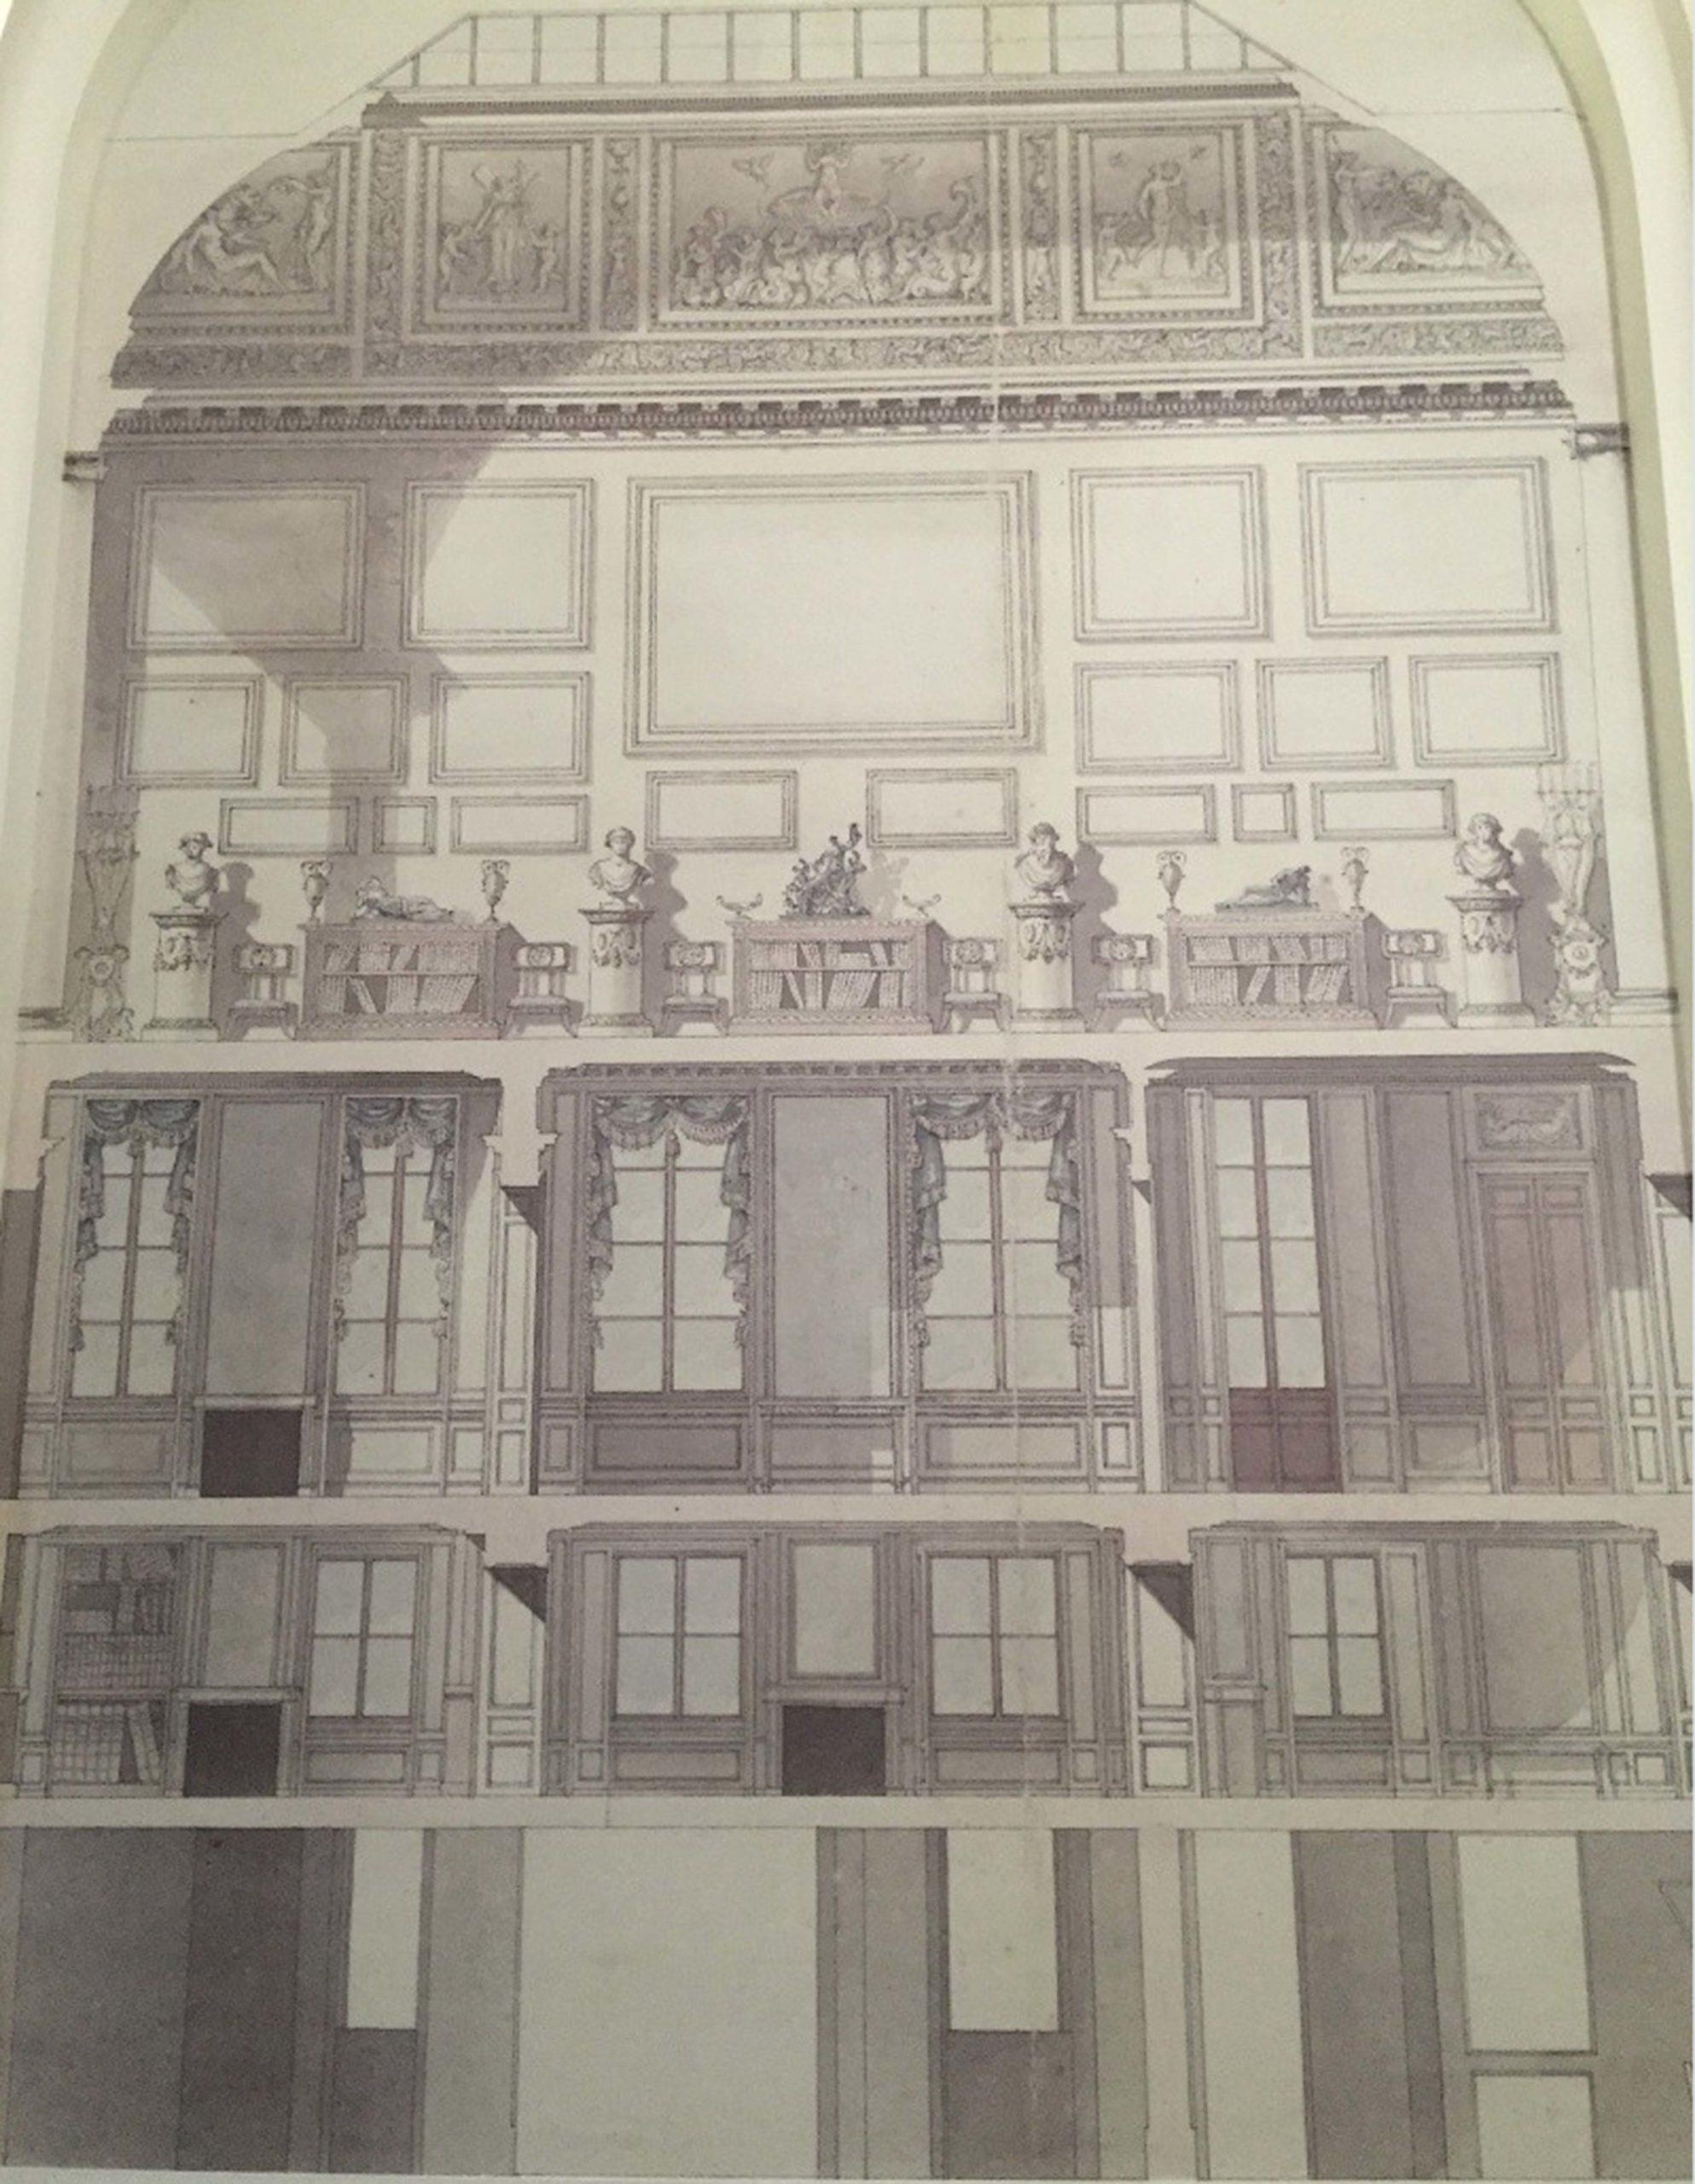 Coupe de l'hôtel Lebrun : rez-de-chaussée, entresol, appartement des lebrun au 1er étage et galerie-atelier de Mme Vigée-Lebrun au 2e étage